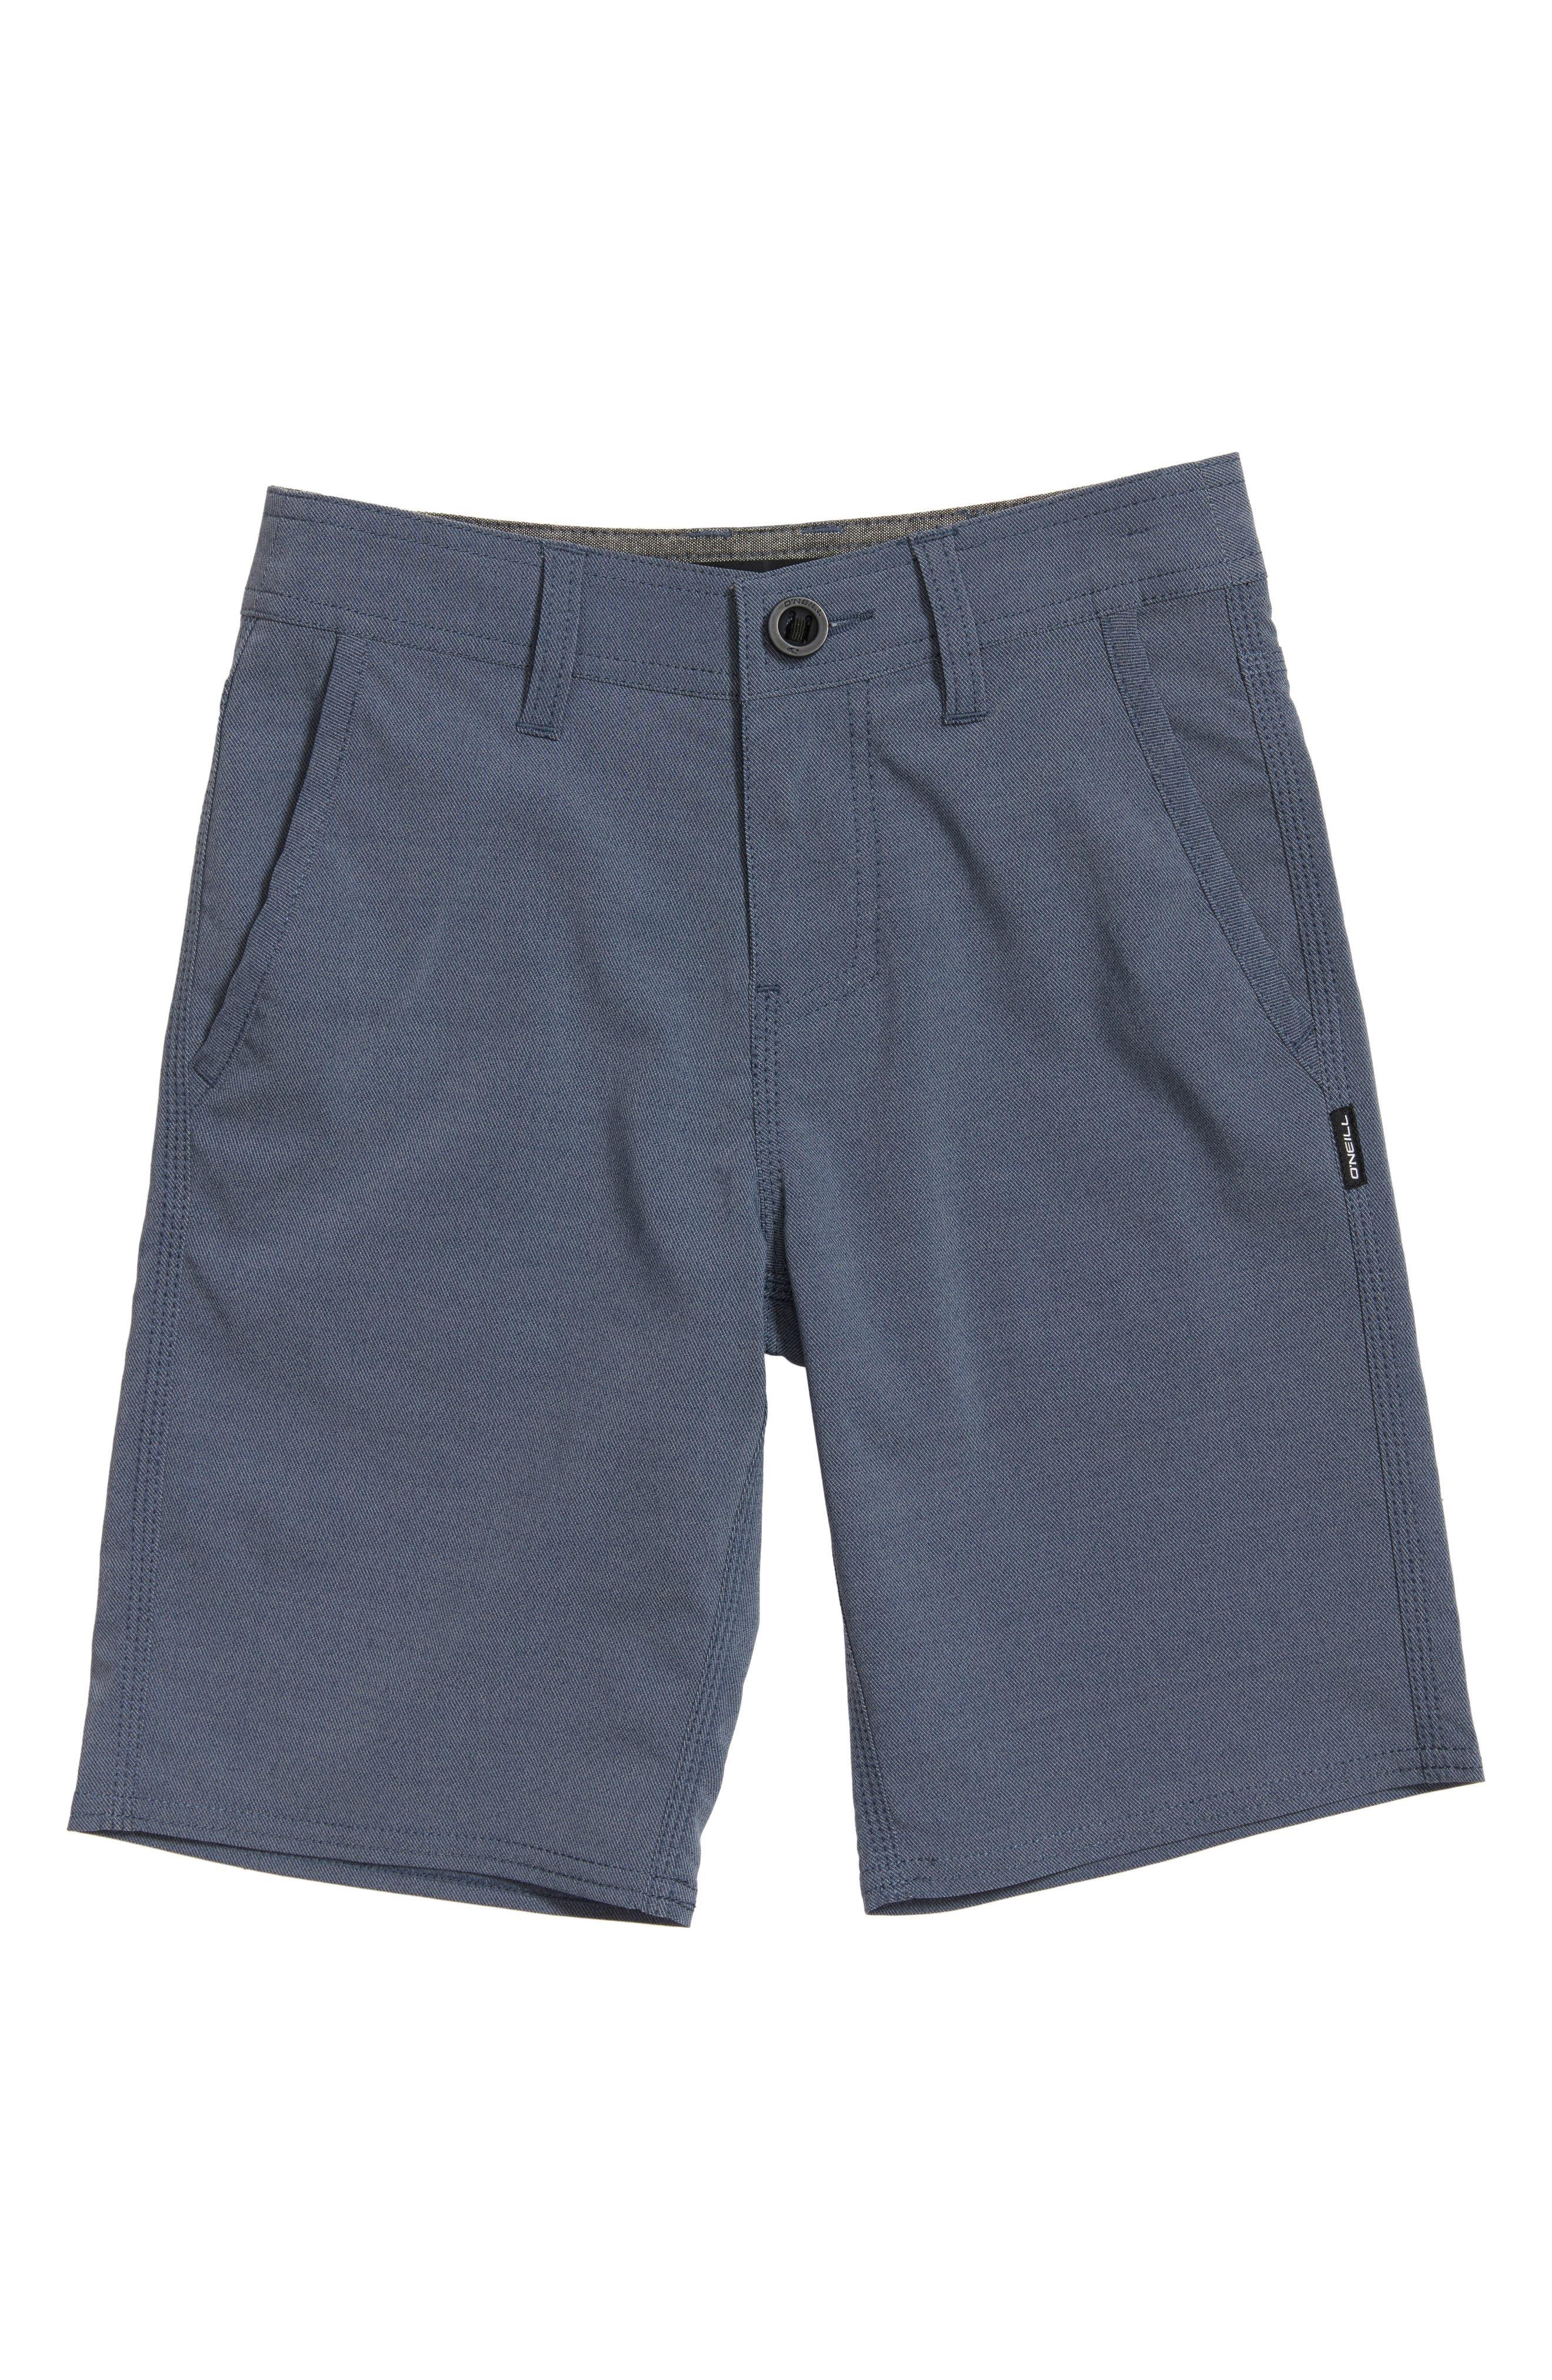 Stockton Hybrid Shorts,                         Main,                         color, Navy